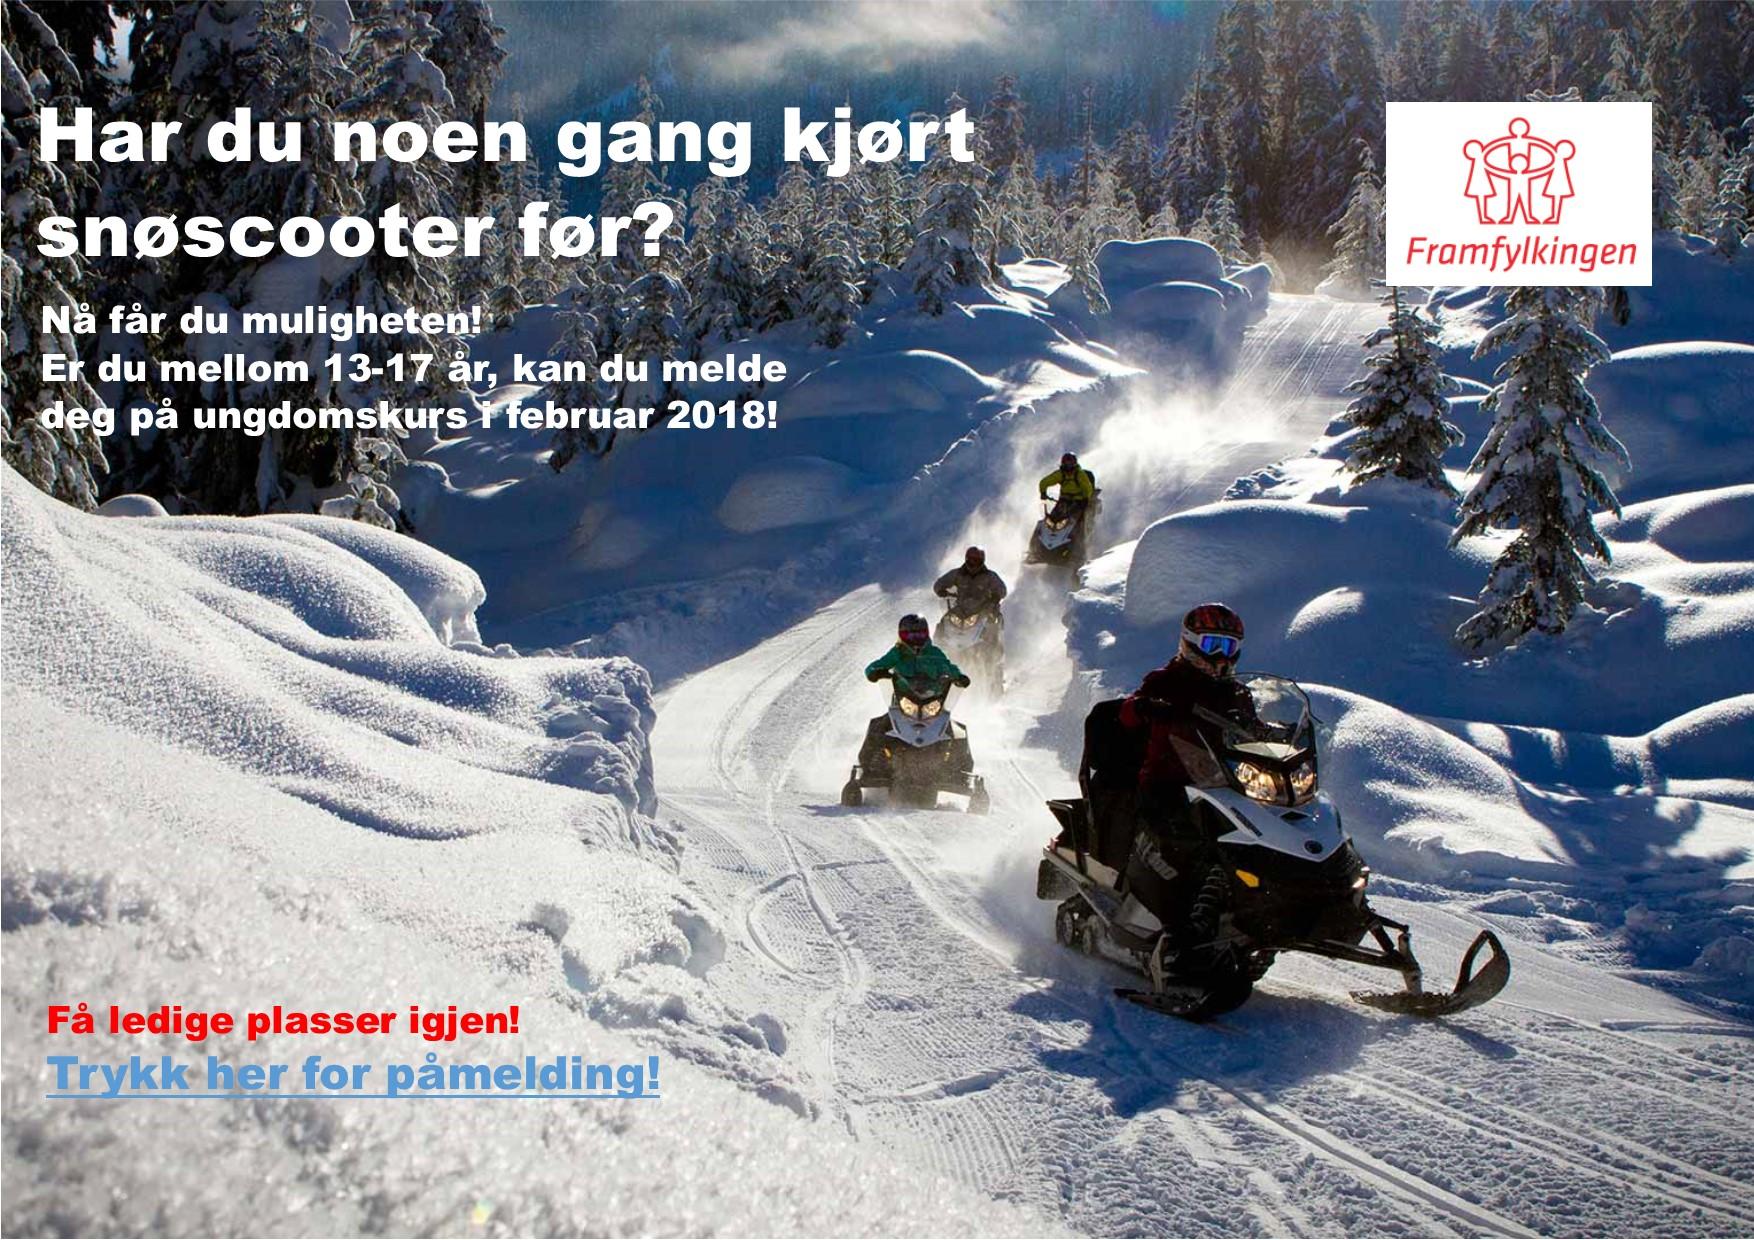 Viser en gruppe som kjører snøscootere i strålende vintervær